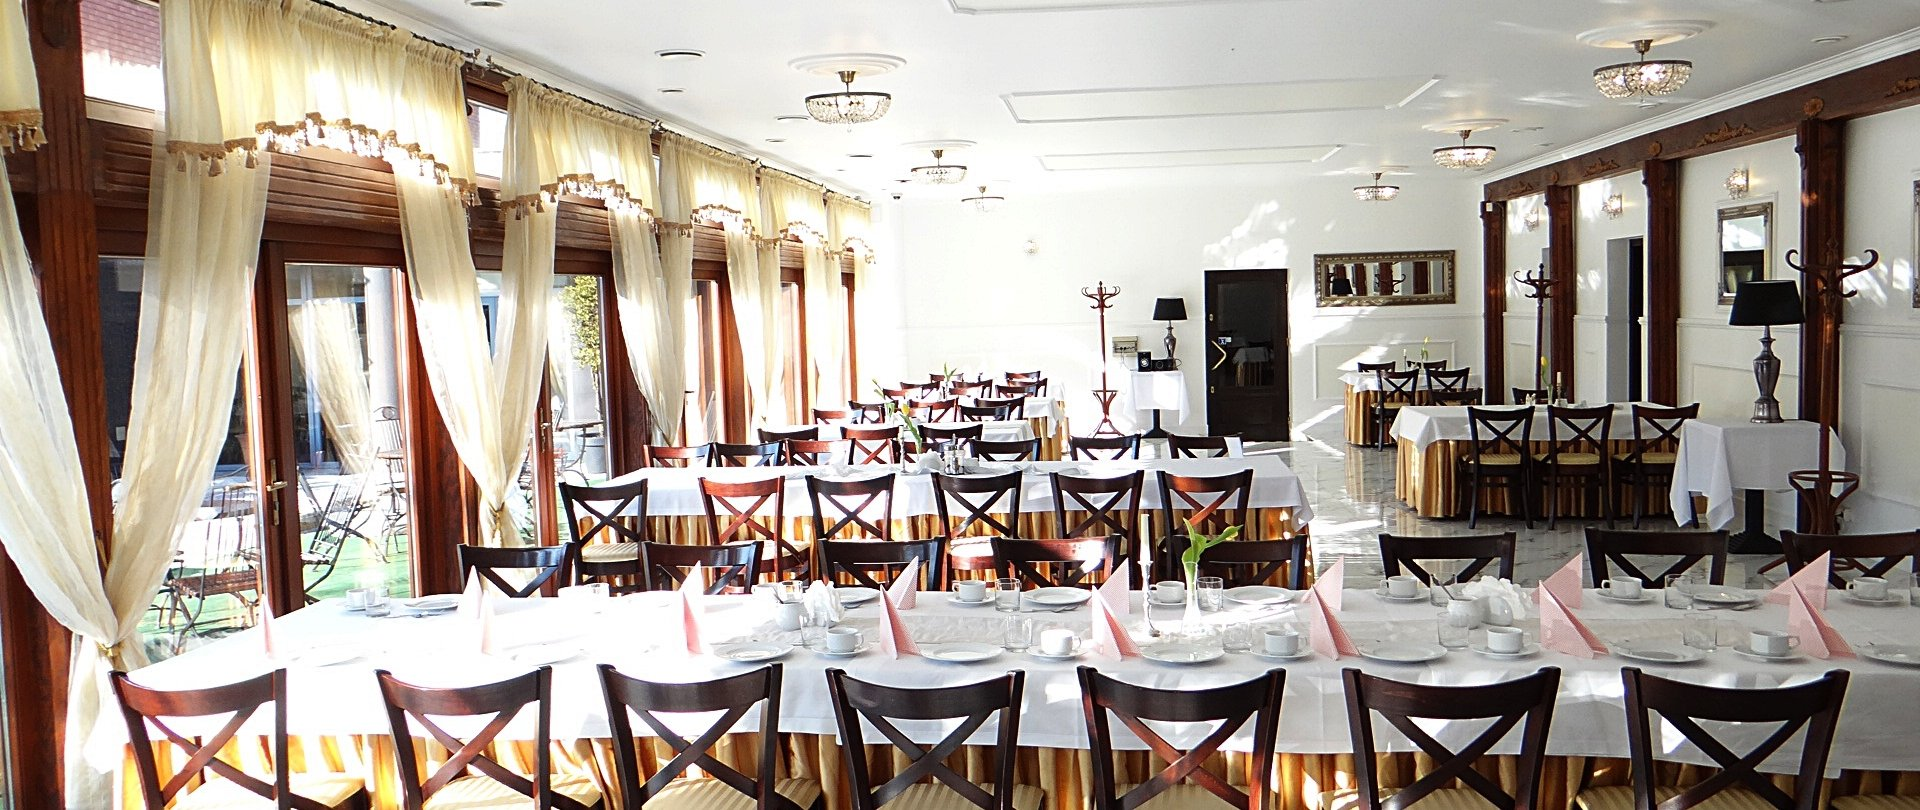 Adria Restauracja & Hotel, Ruda Śląska